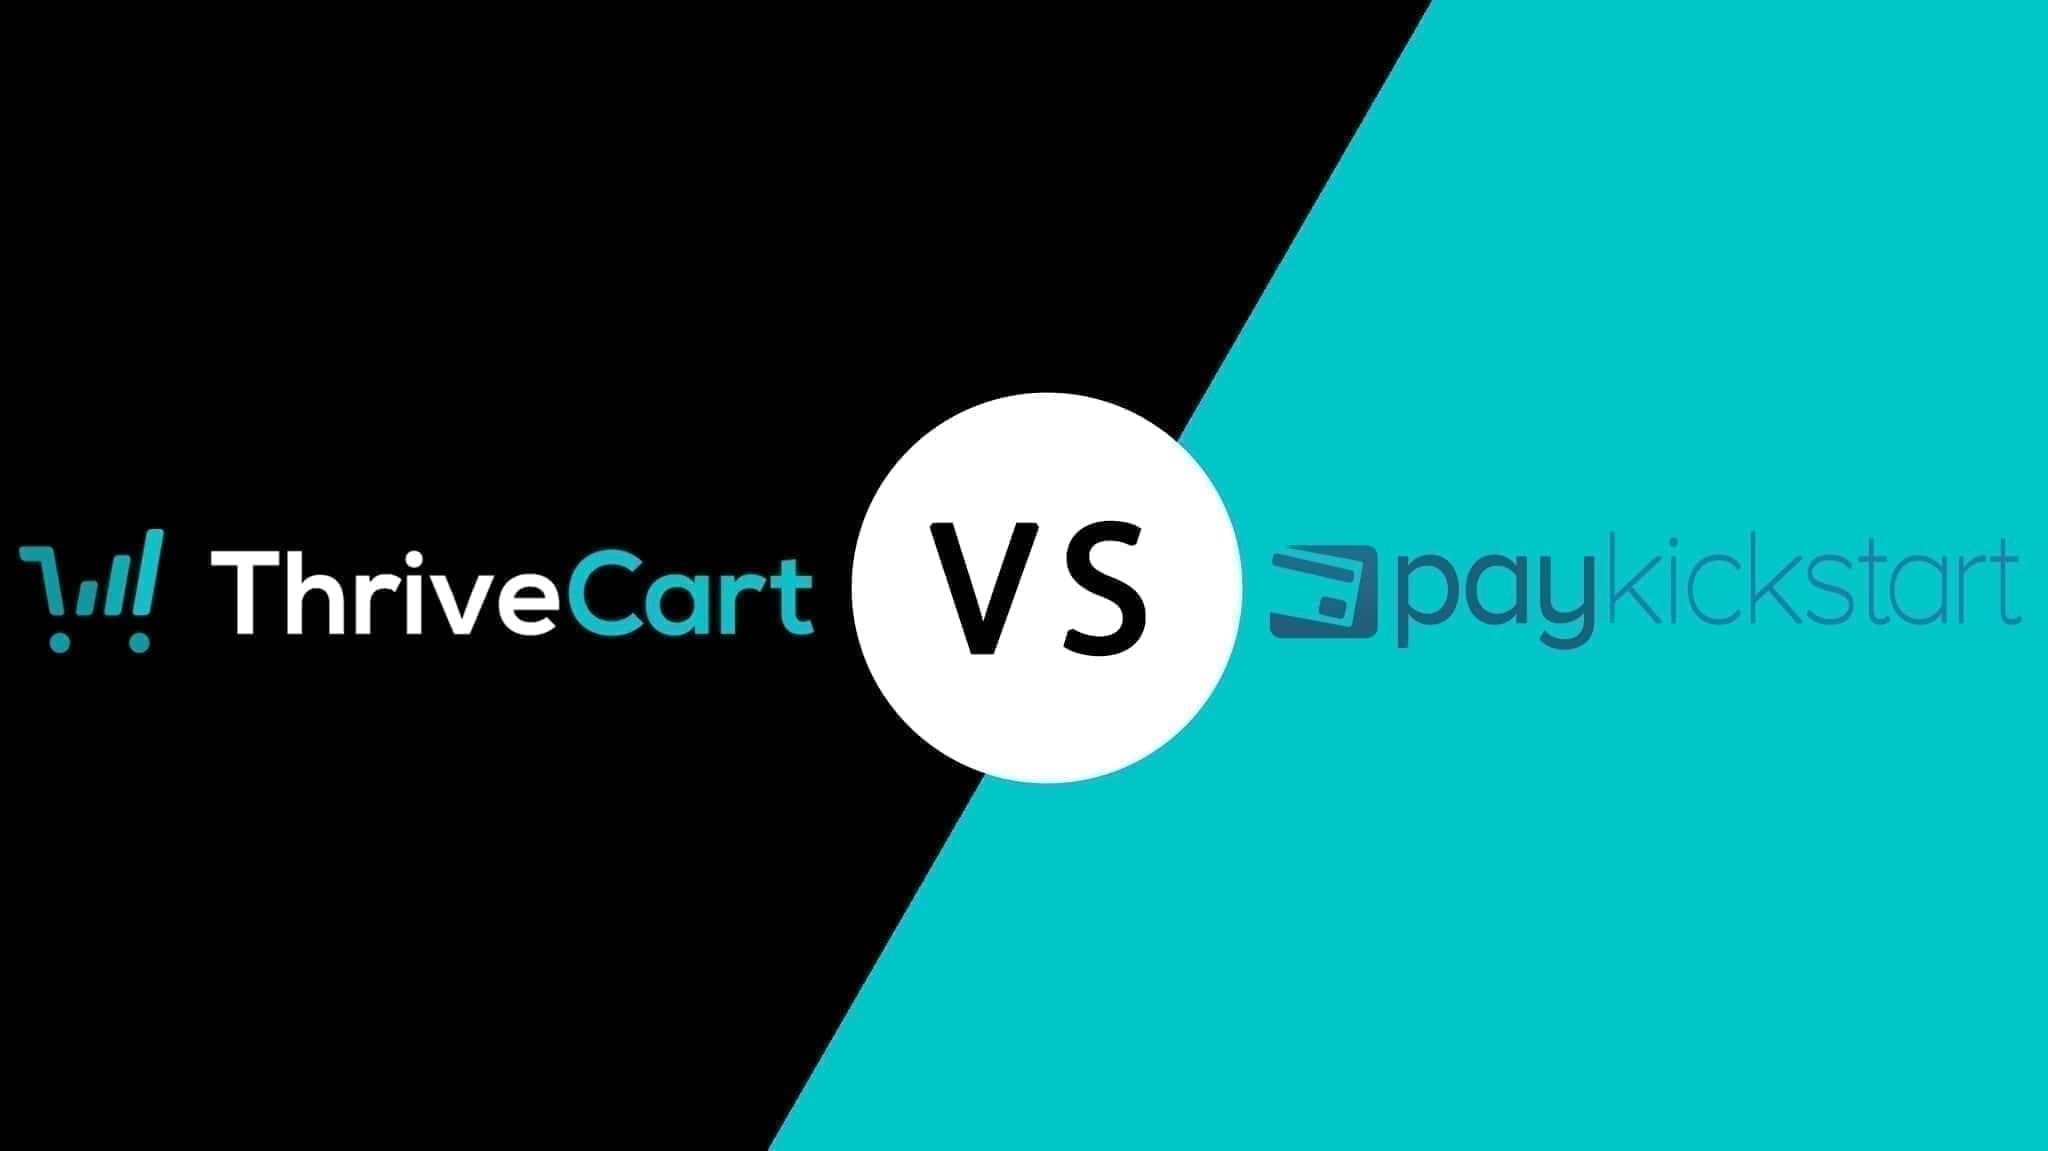 ThriveCart-VS-PayKickstart-6